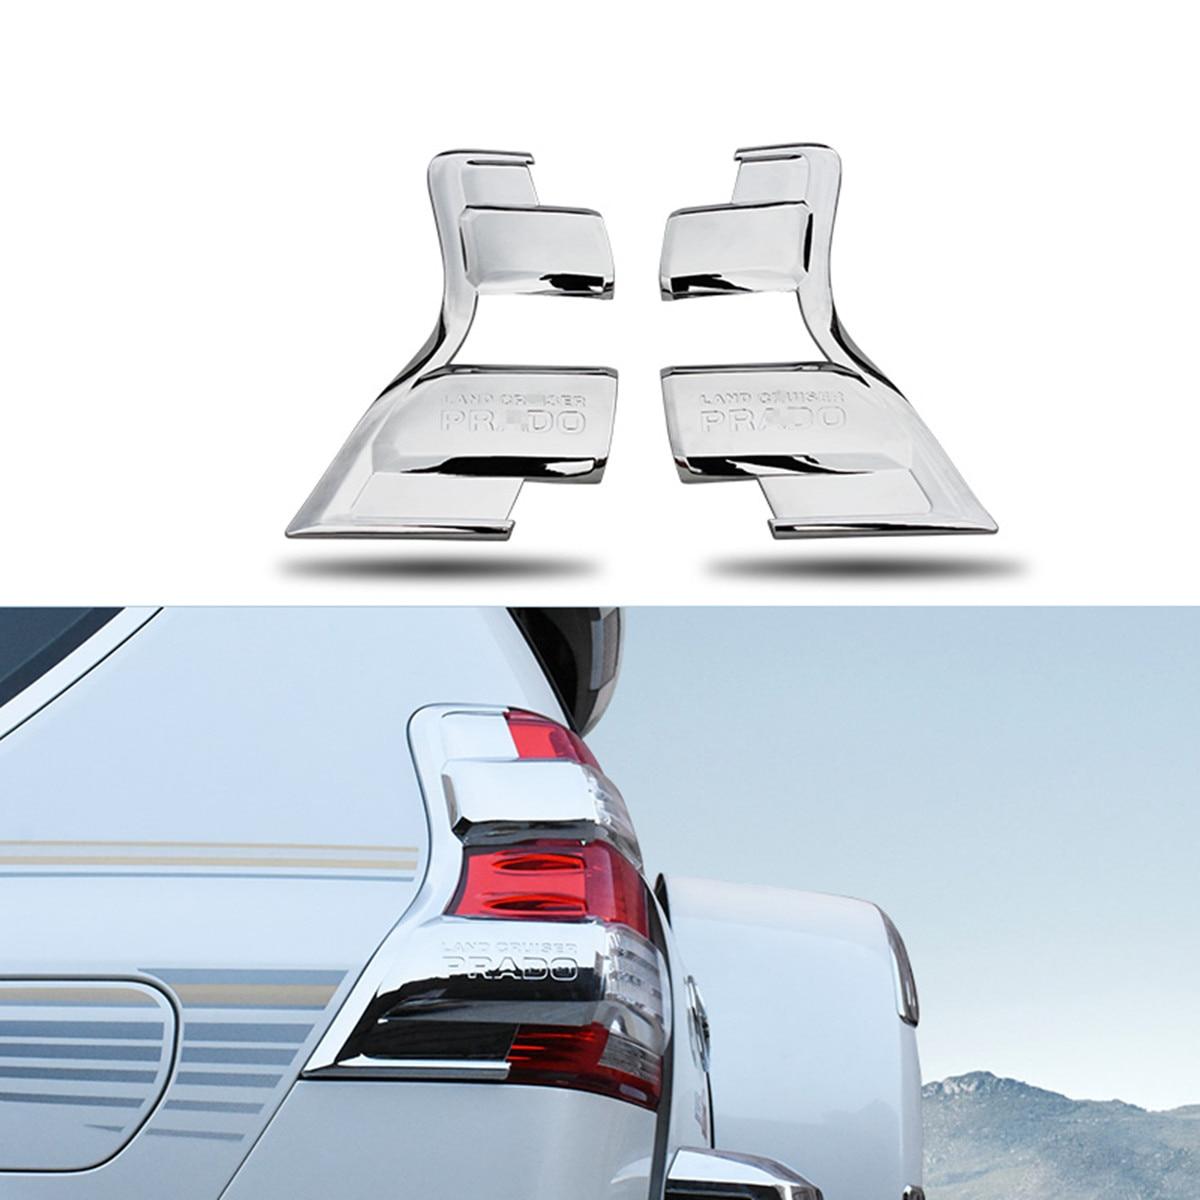 ABS Chrome Rear Taillight Trim Cover for Toyota Land Cruiser Prado 150 2014 2015 2016 2017